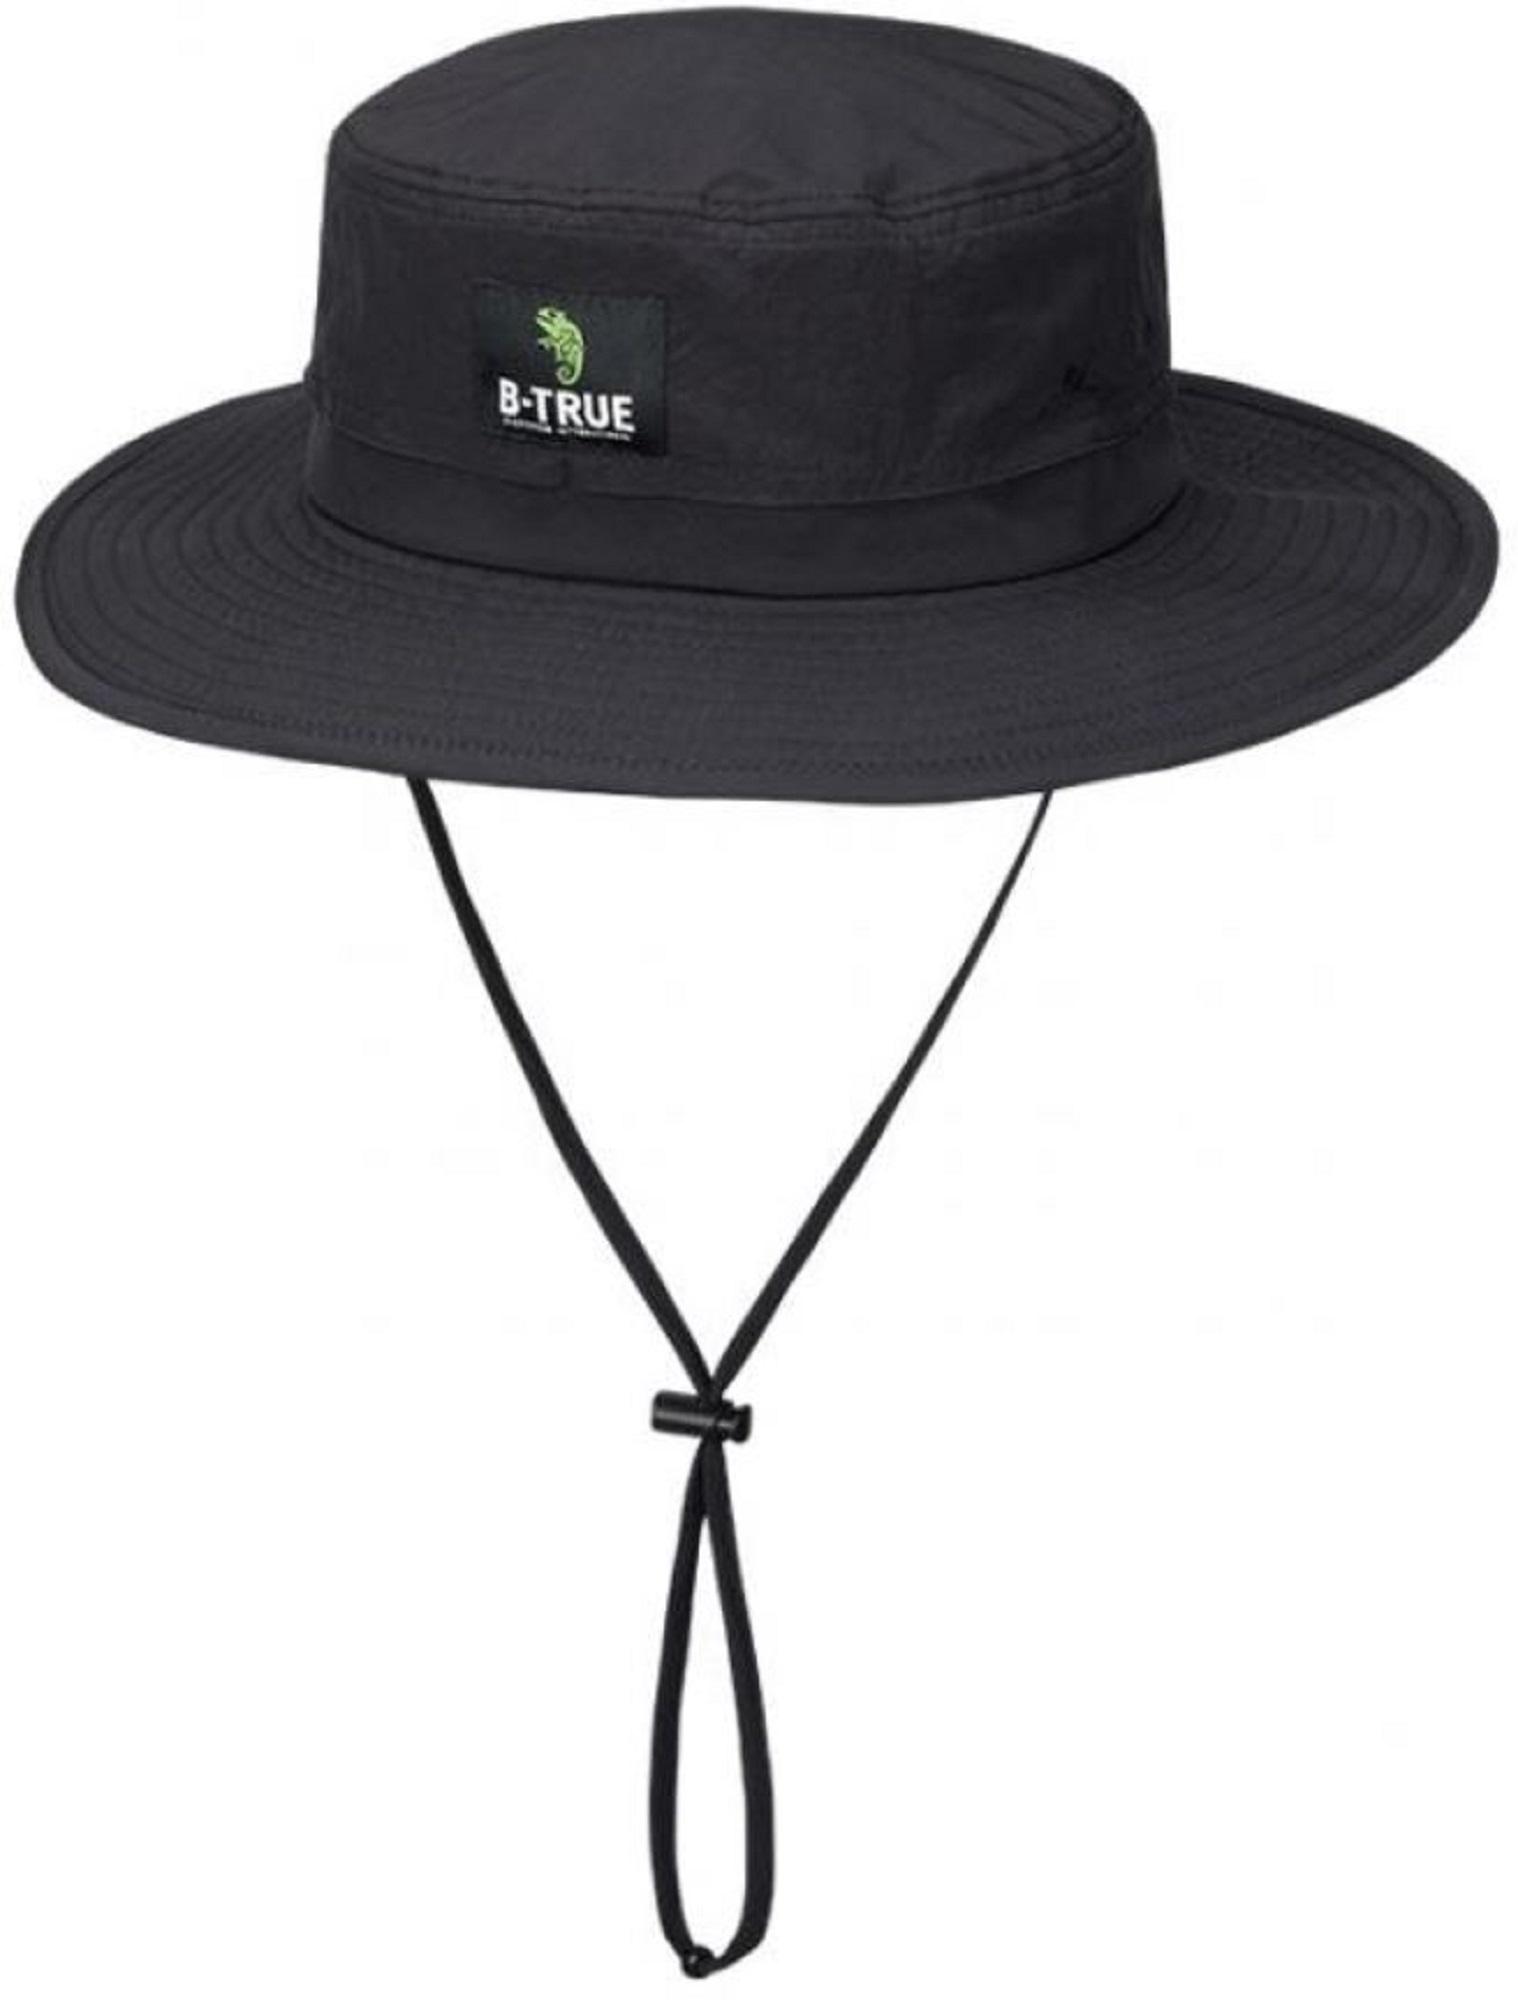 Evergreen Hat Safari B-True Free Size Black (0648)